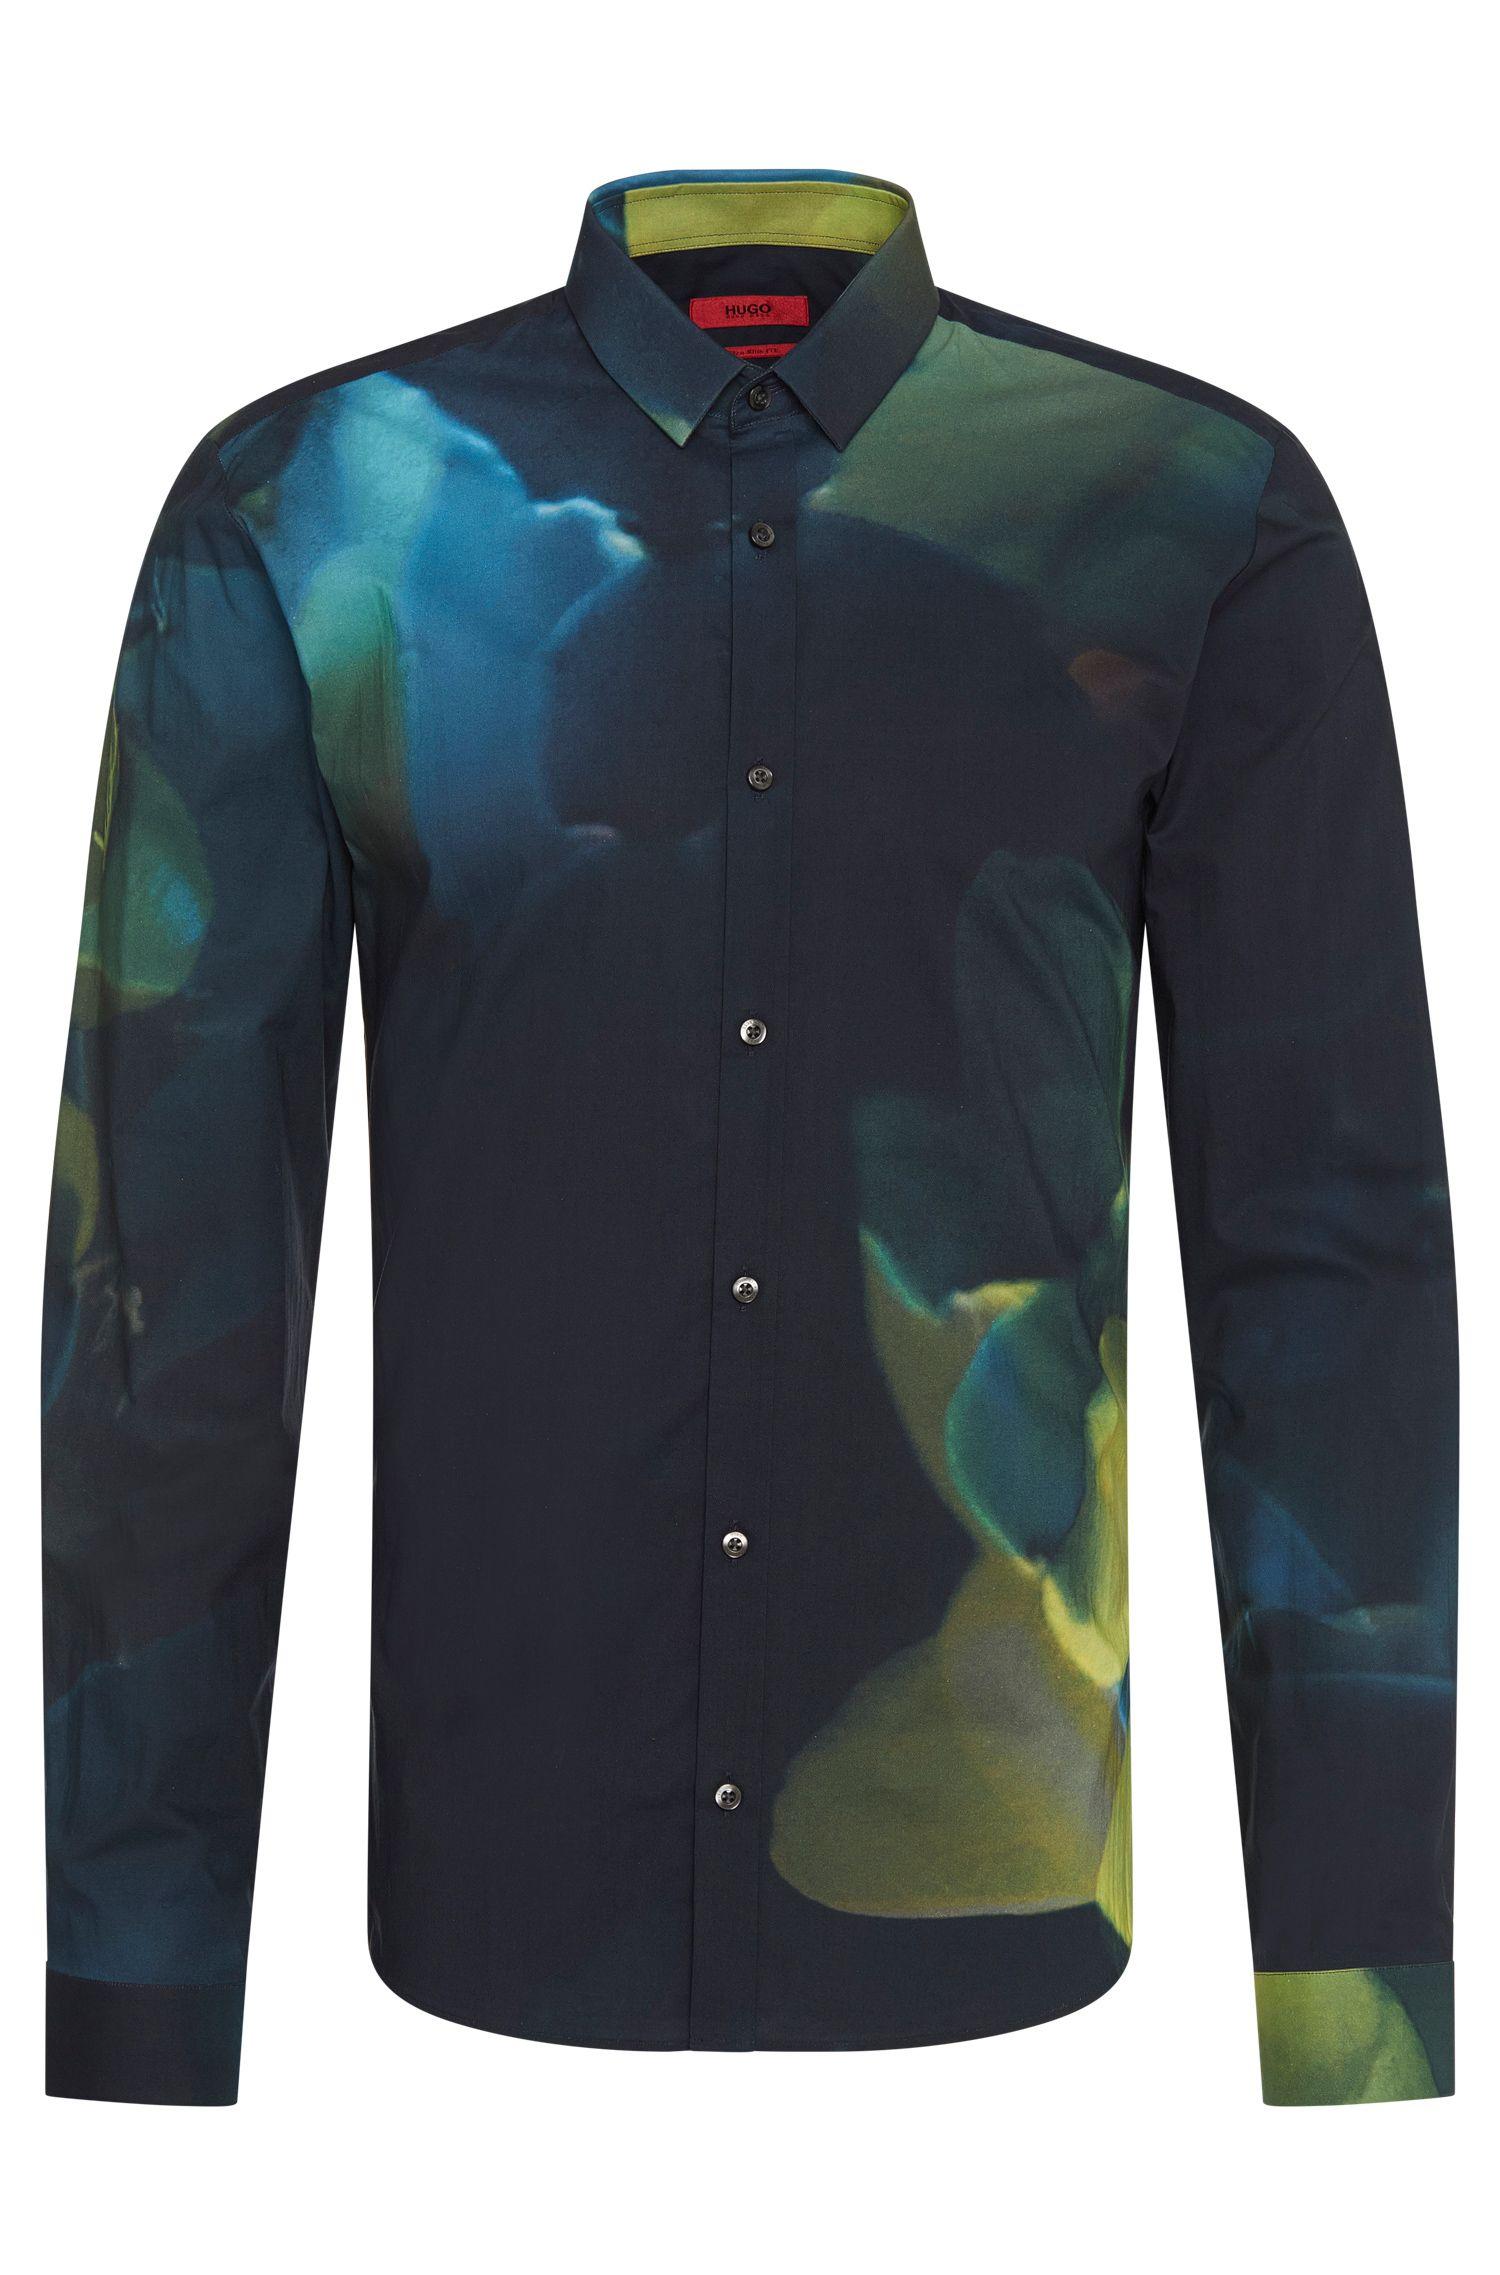 Abstrakt gemustertes Extra Slim-Fit Hemd aus Baumwolle: 'Ero3'